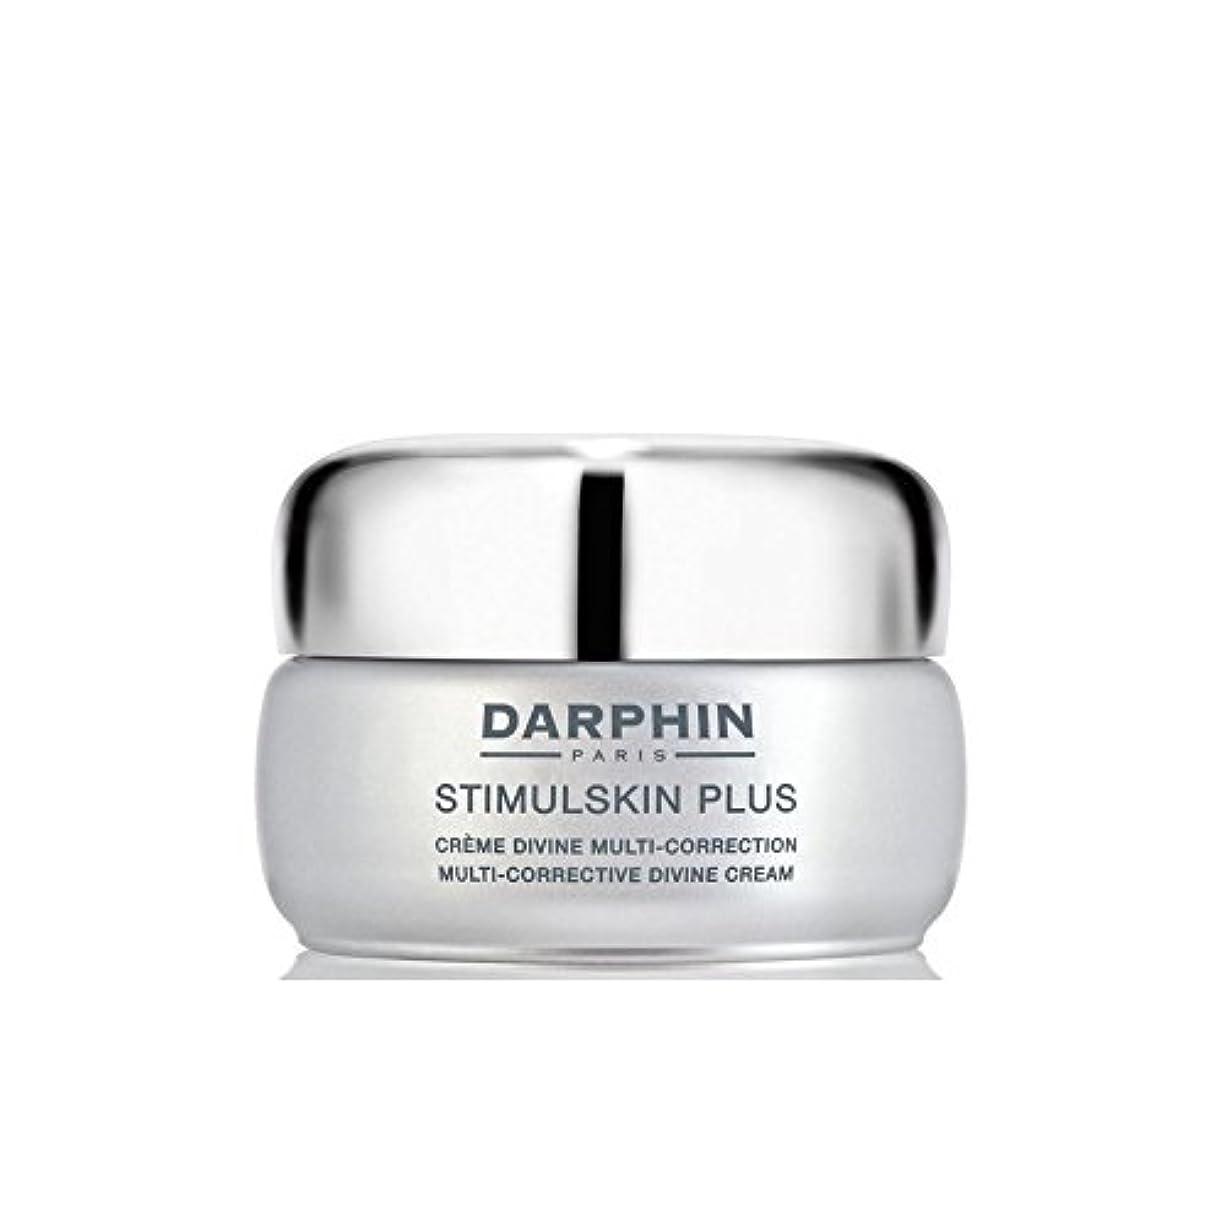 愛国的な洪水アルコーブダルファンスティプラスマルチ是正神クリーム - 豊富 x4 - Darphin Stimulskin Plus Multi-Corrective Divine Cream - Rich (Pack of 4) [並行輸入品]